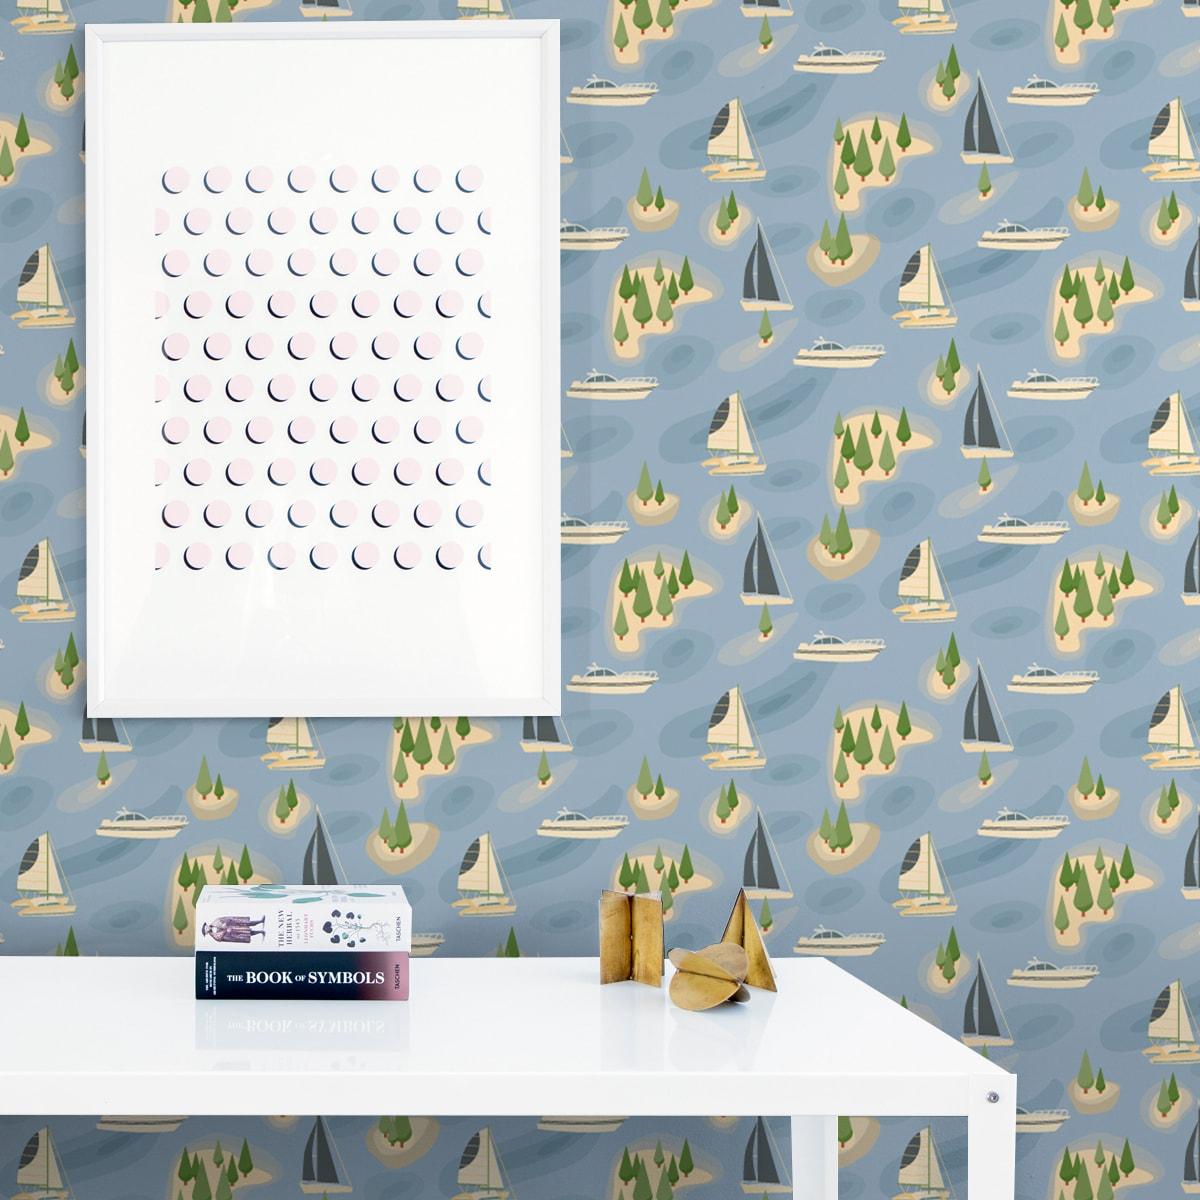 """Wandtapete mittelblau: Frische Design Tapete """"Insel Hopping"""" mit Yachten und Segel-Booten in blau - große Wandgestaltung"""